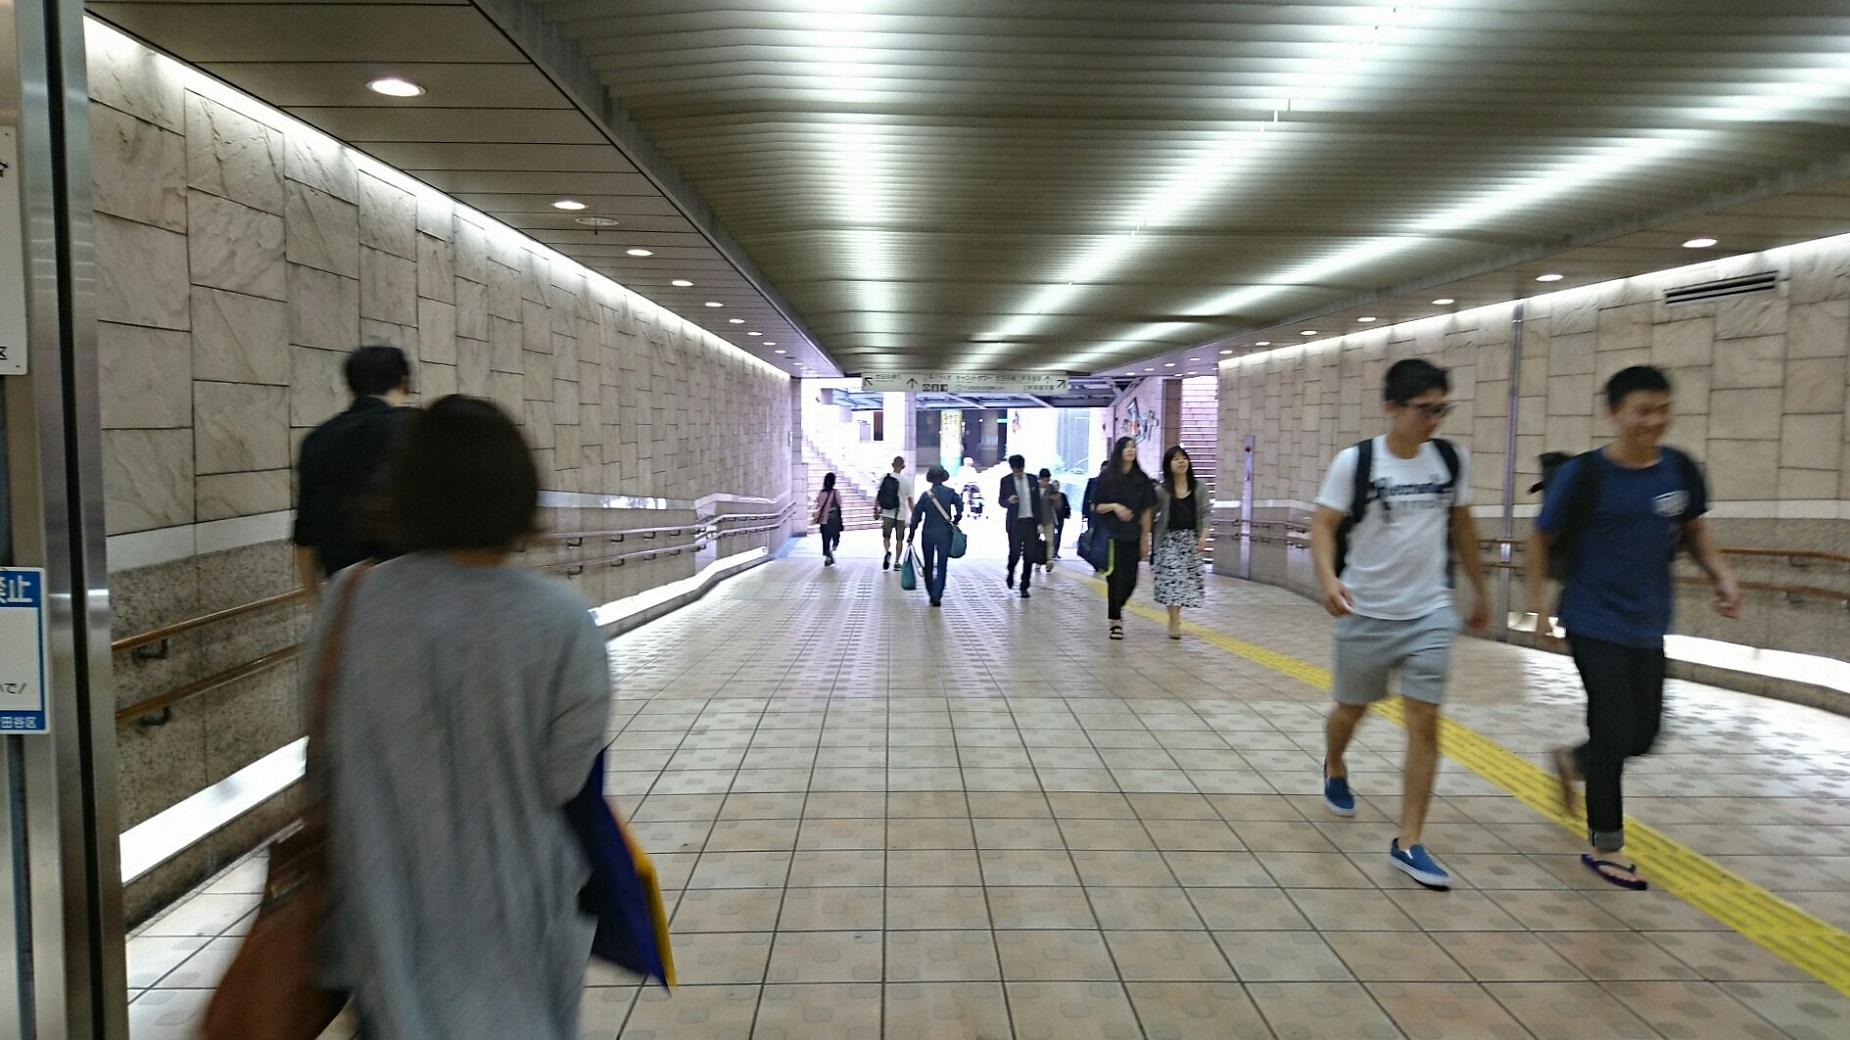 2017.10.12 東京 (106) 三軒茶屋 - 世田谷線への連絡通路 1850-1040